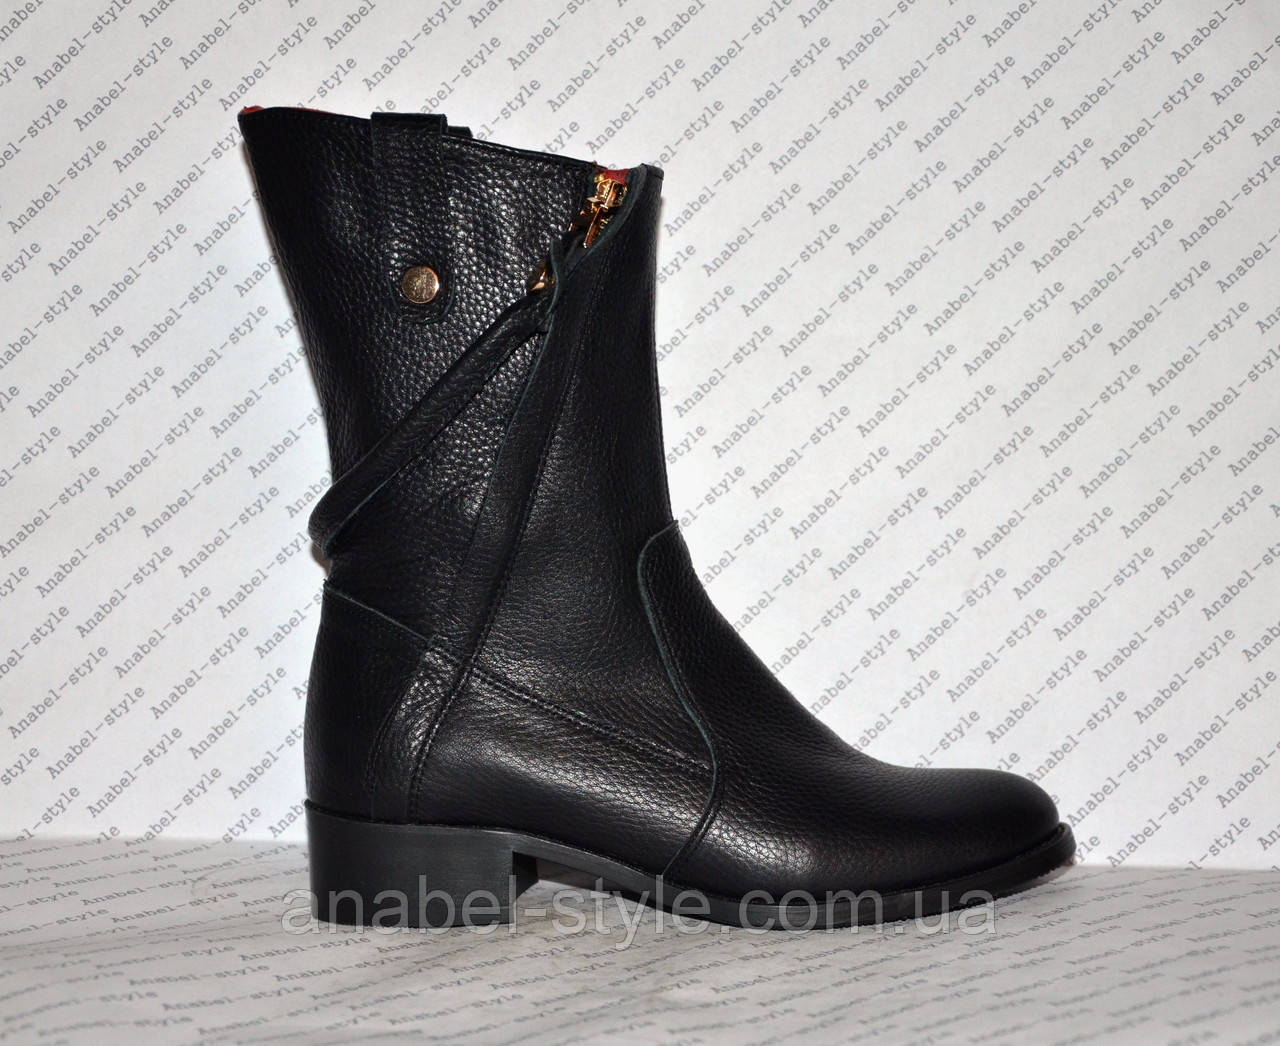 Півчобітки з натуральної шкіри чорного кольору стильна моделька Код 987